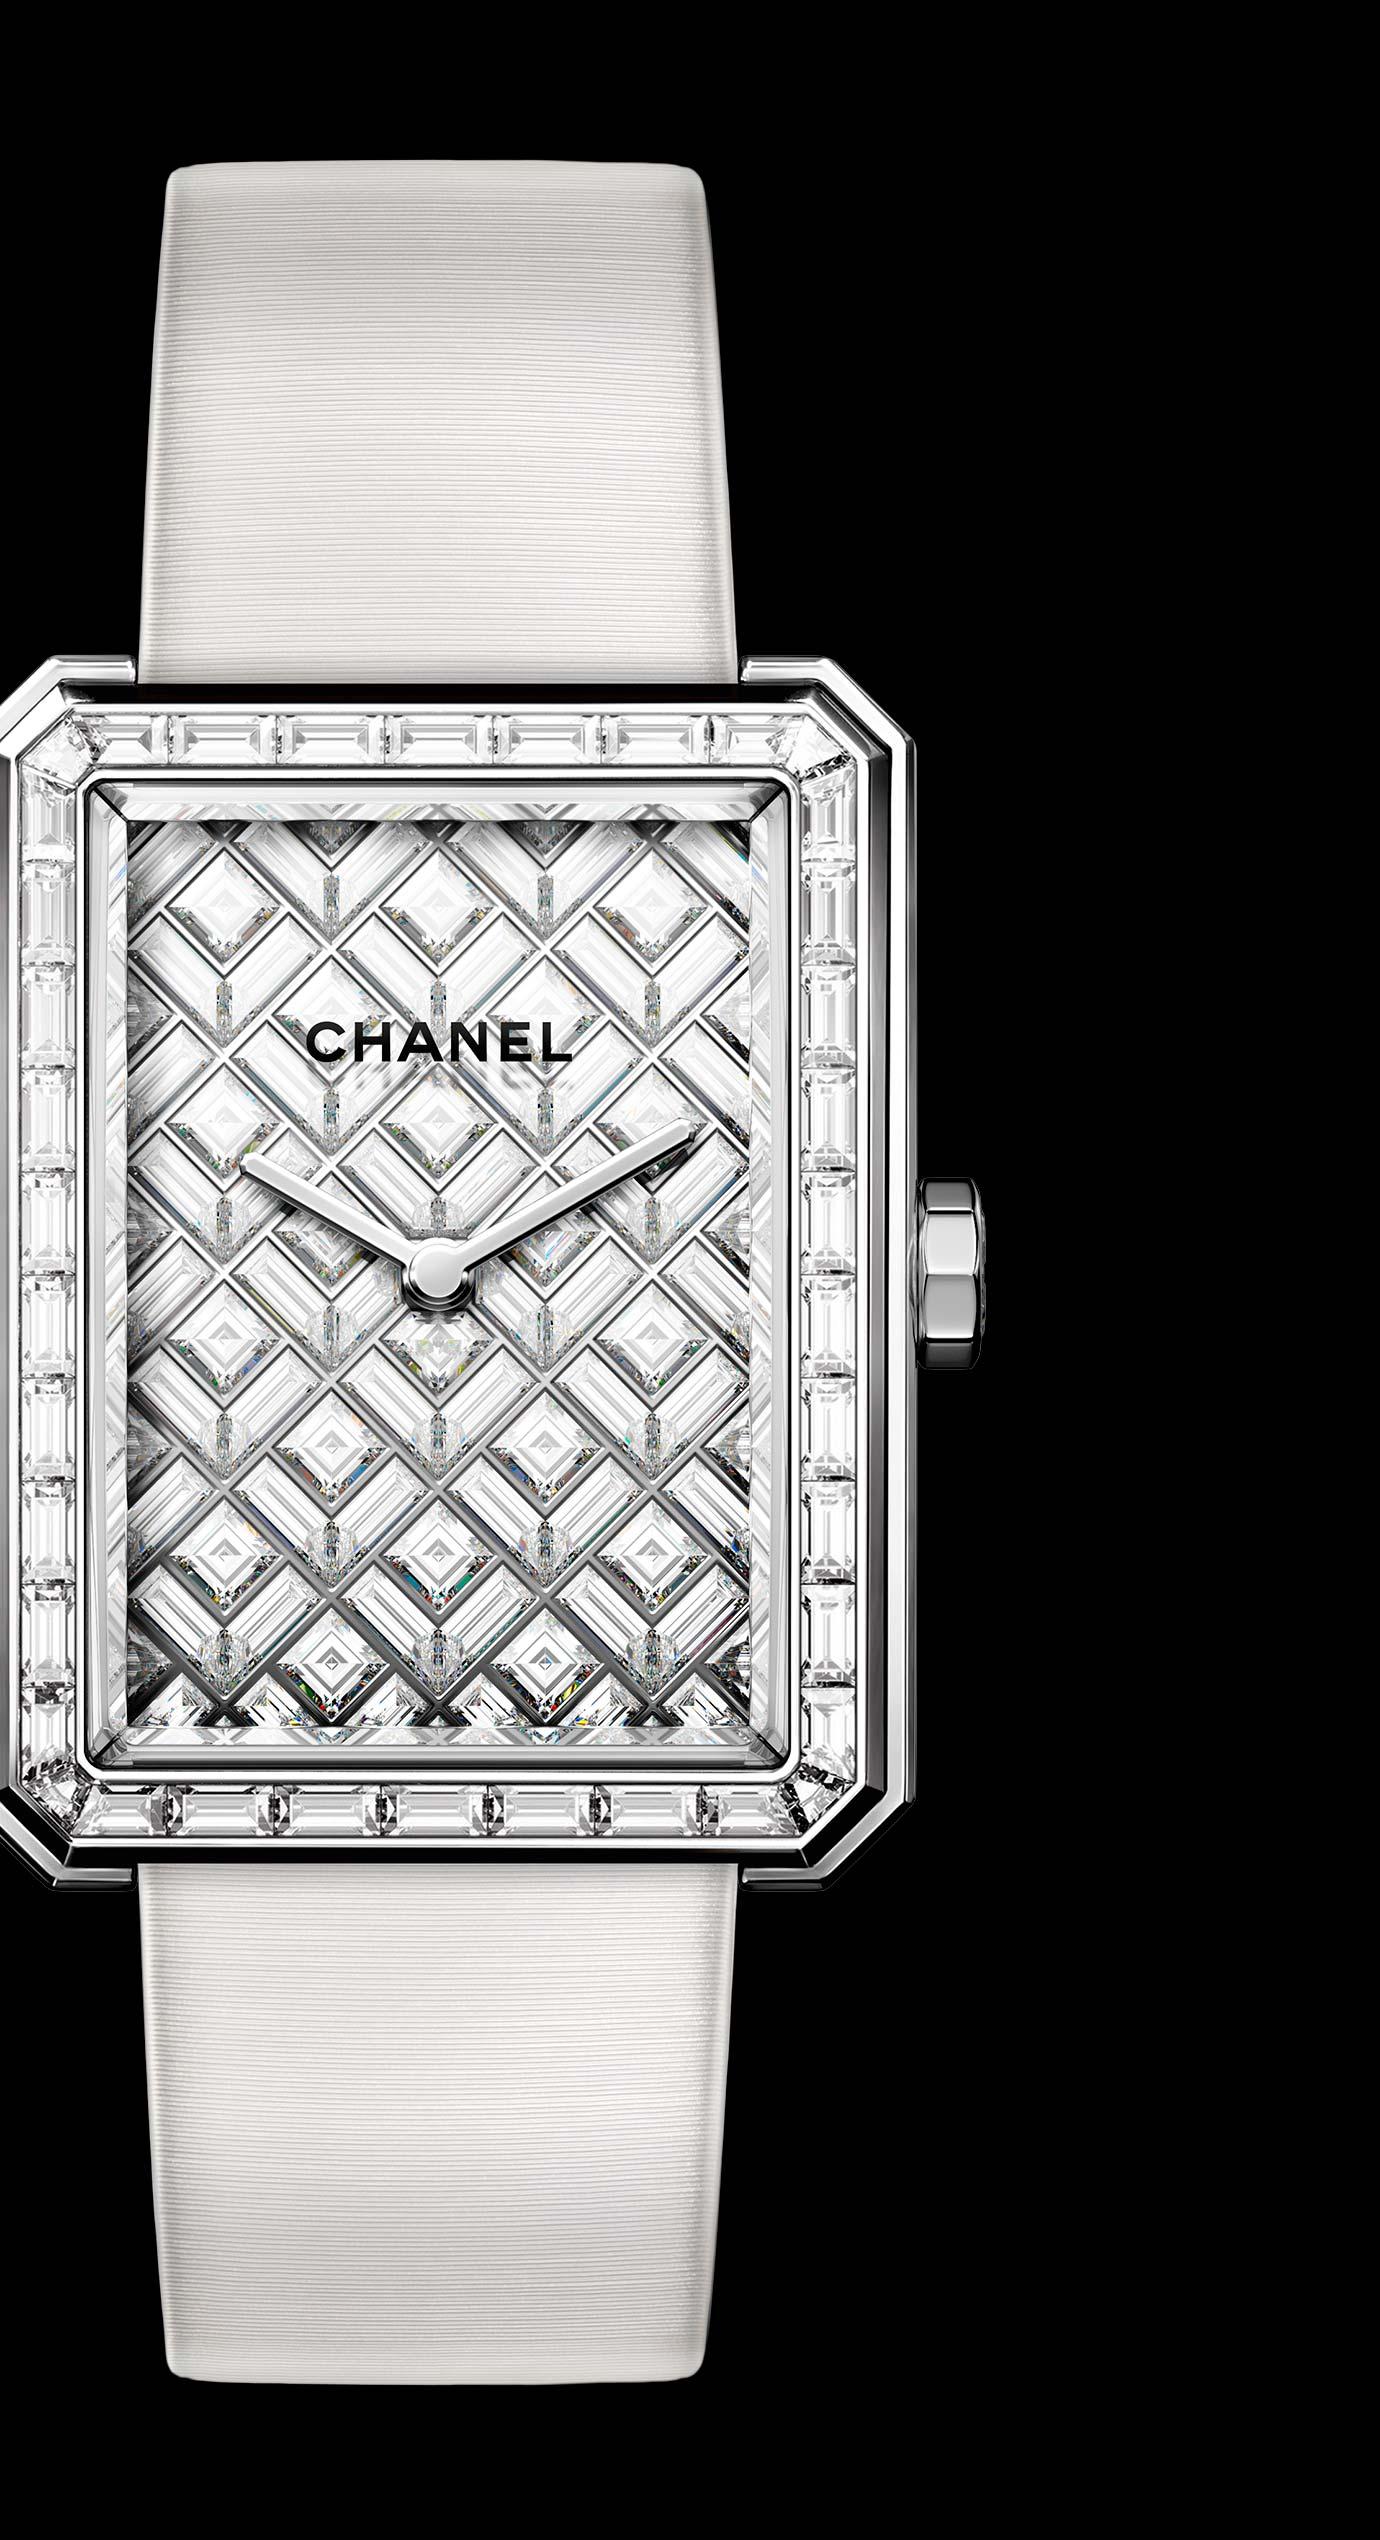 Часы BOY·FRIEND ARTY DIAMONDS из белого золота 18 карат с бриллиантами. - Увеличенный вид